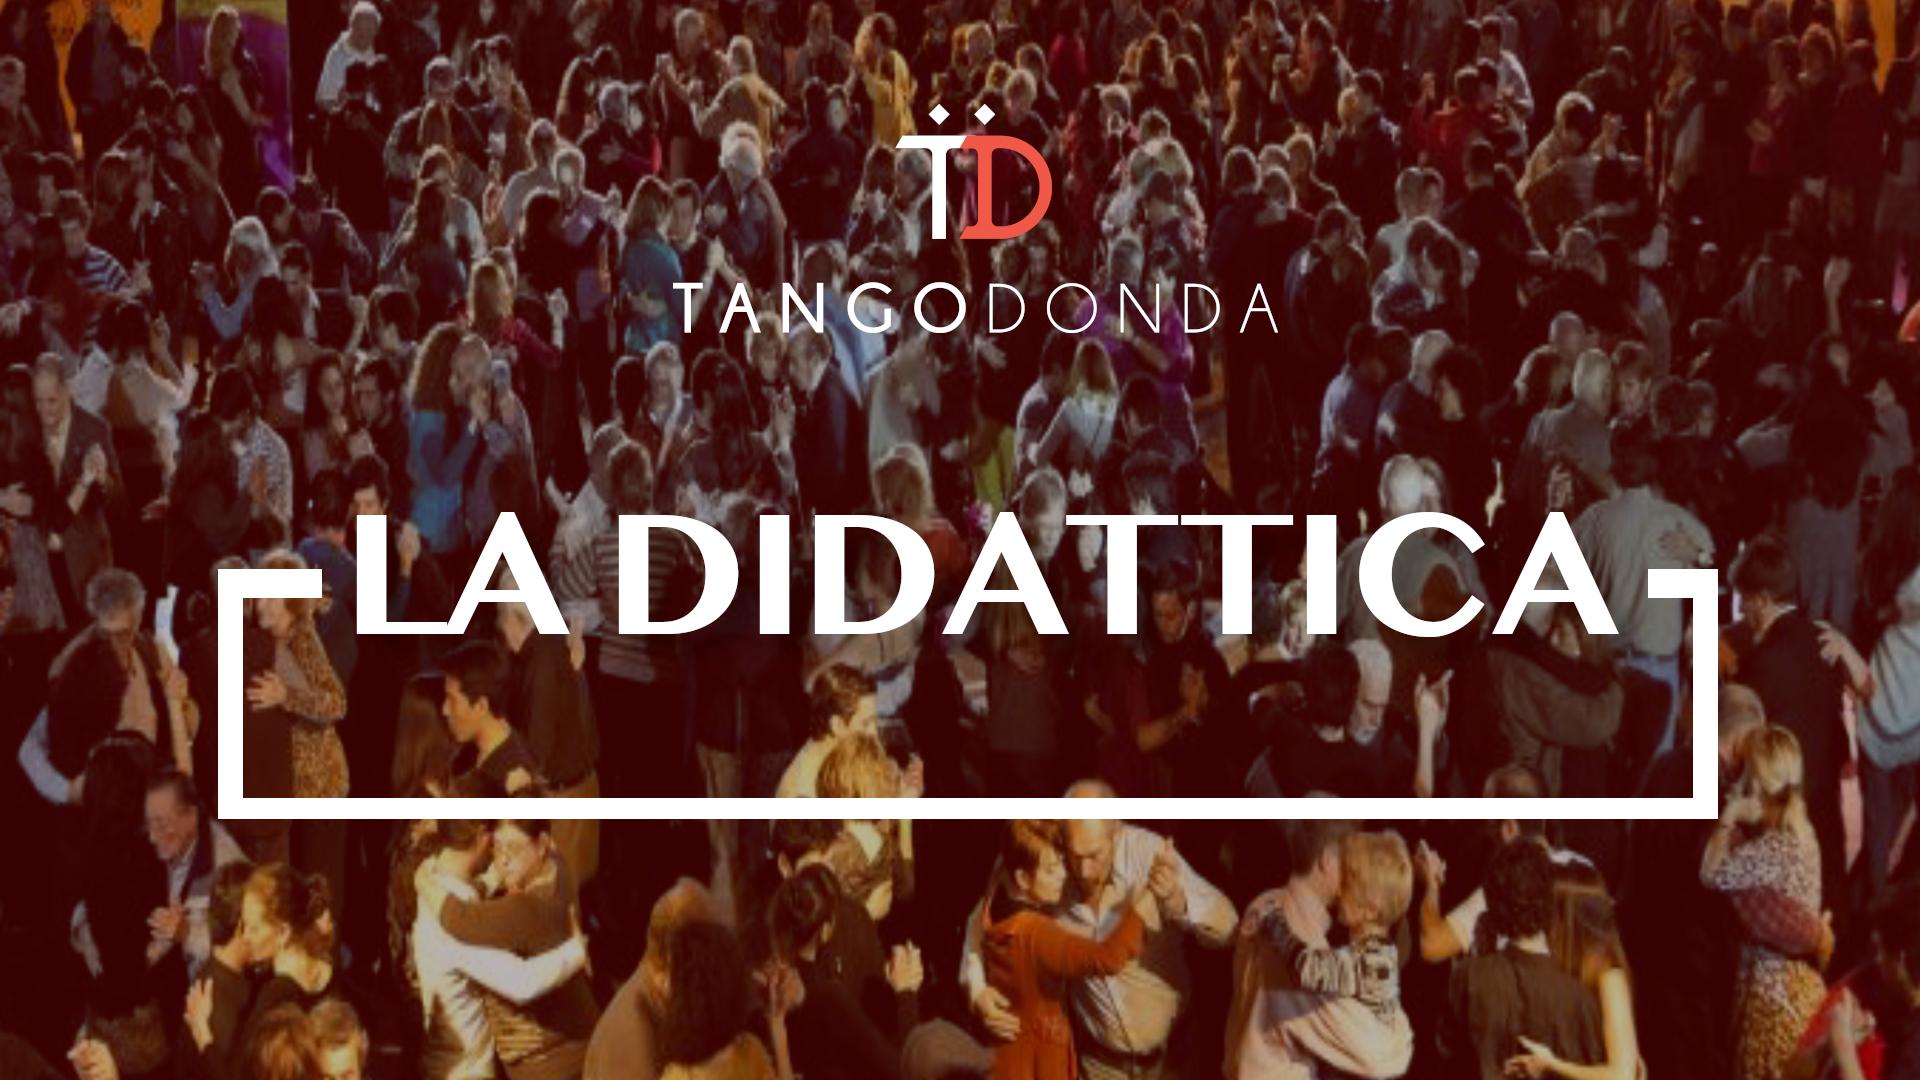 La didattica della Scuola Tango Donda